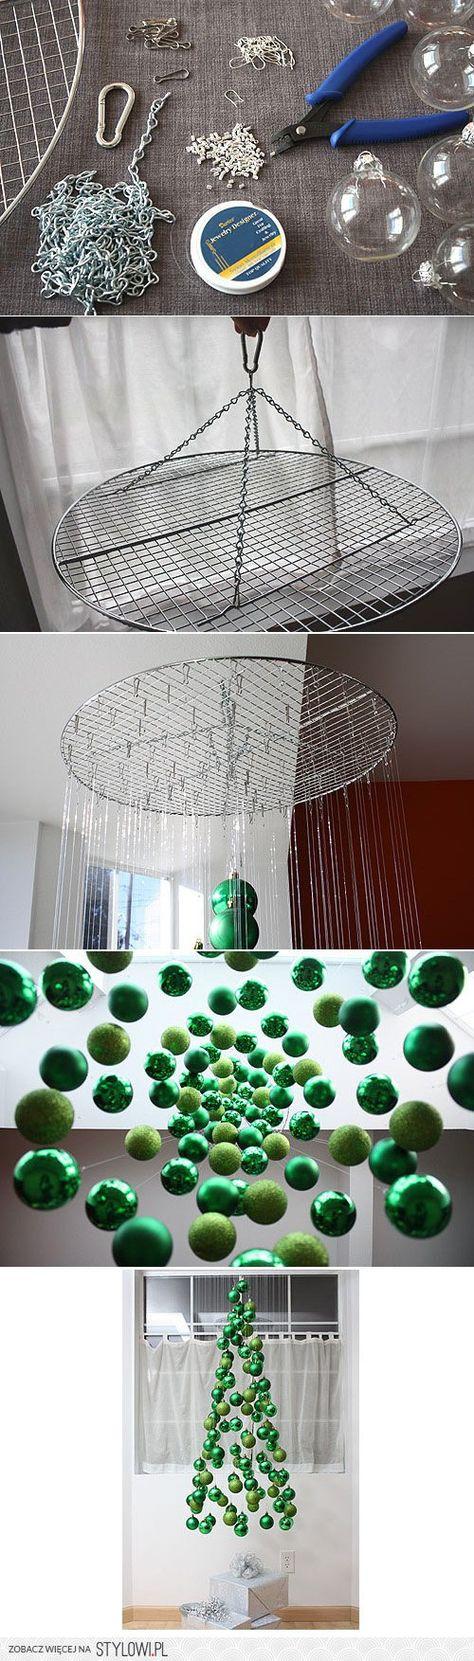 Badezimmer dekor mit einweckgläsern  besten wohnen bilder auf pinterest  basteln bastelarbeiten und